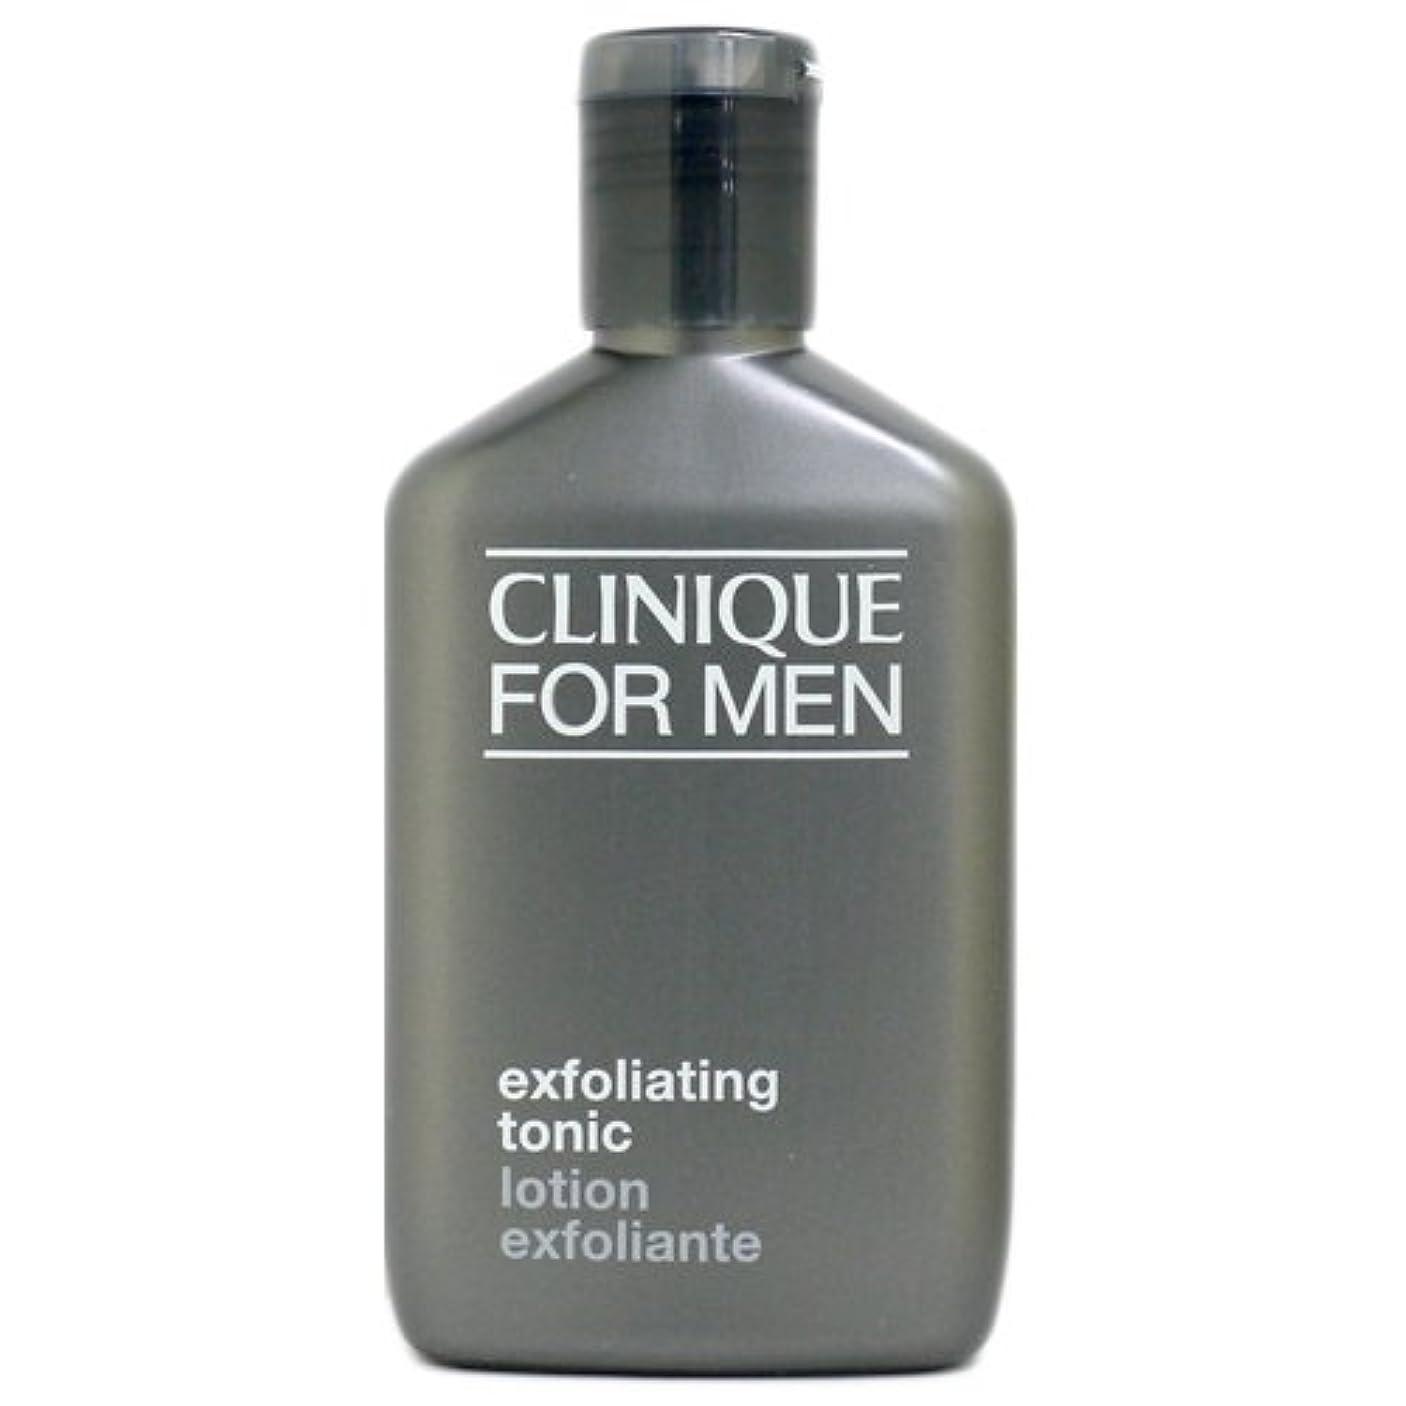 地中海買い物に行くトランジスタクリニークフォーメン(CLINIQUE FOR MEN) エクスフォリエーティング トニック 200ml[並行輸入品]